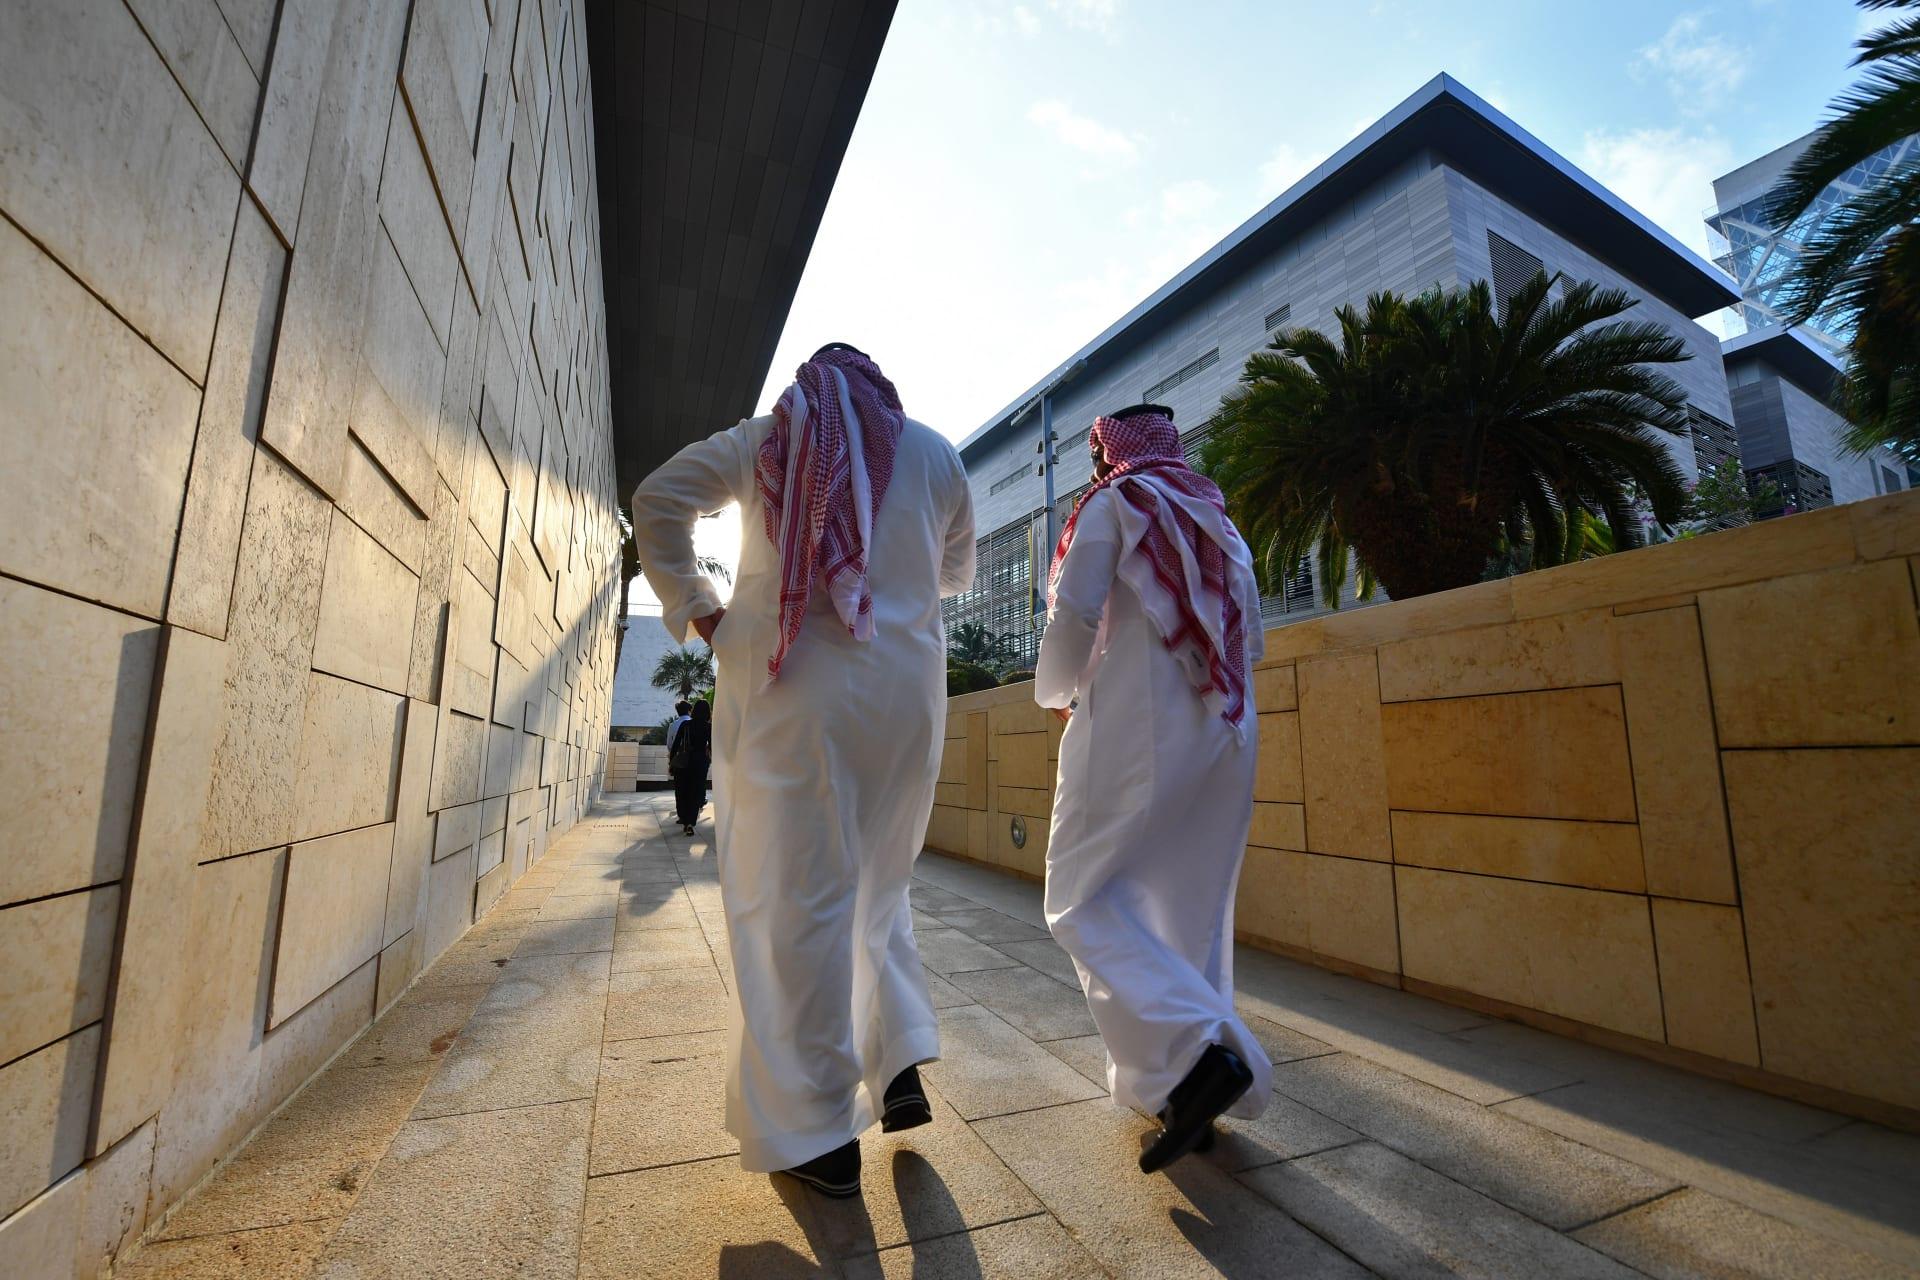 السعودية ترفع الحد الأدنى لأجور المواطنين.. كم بلغ؟